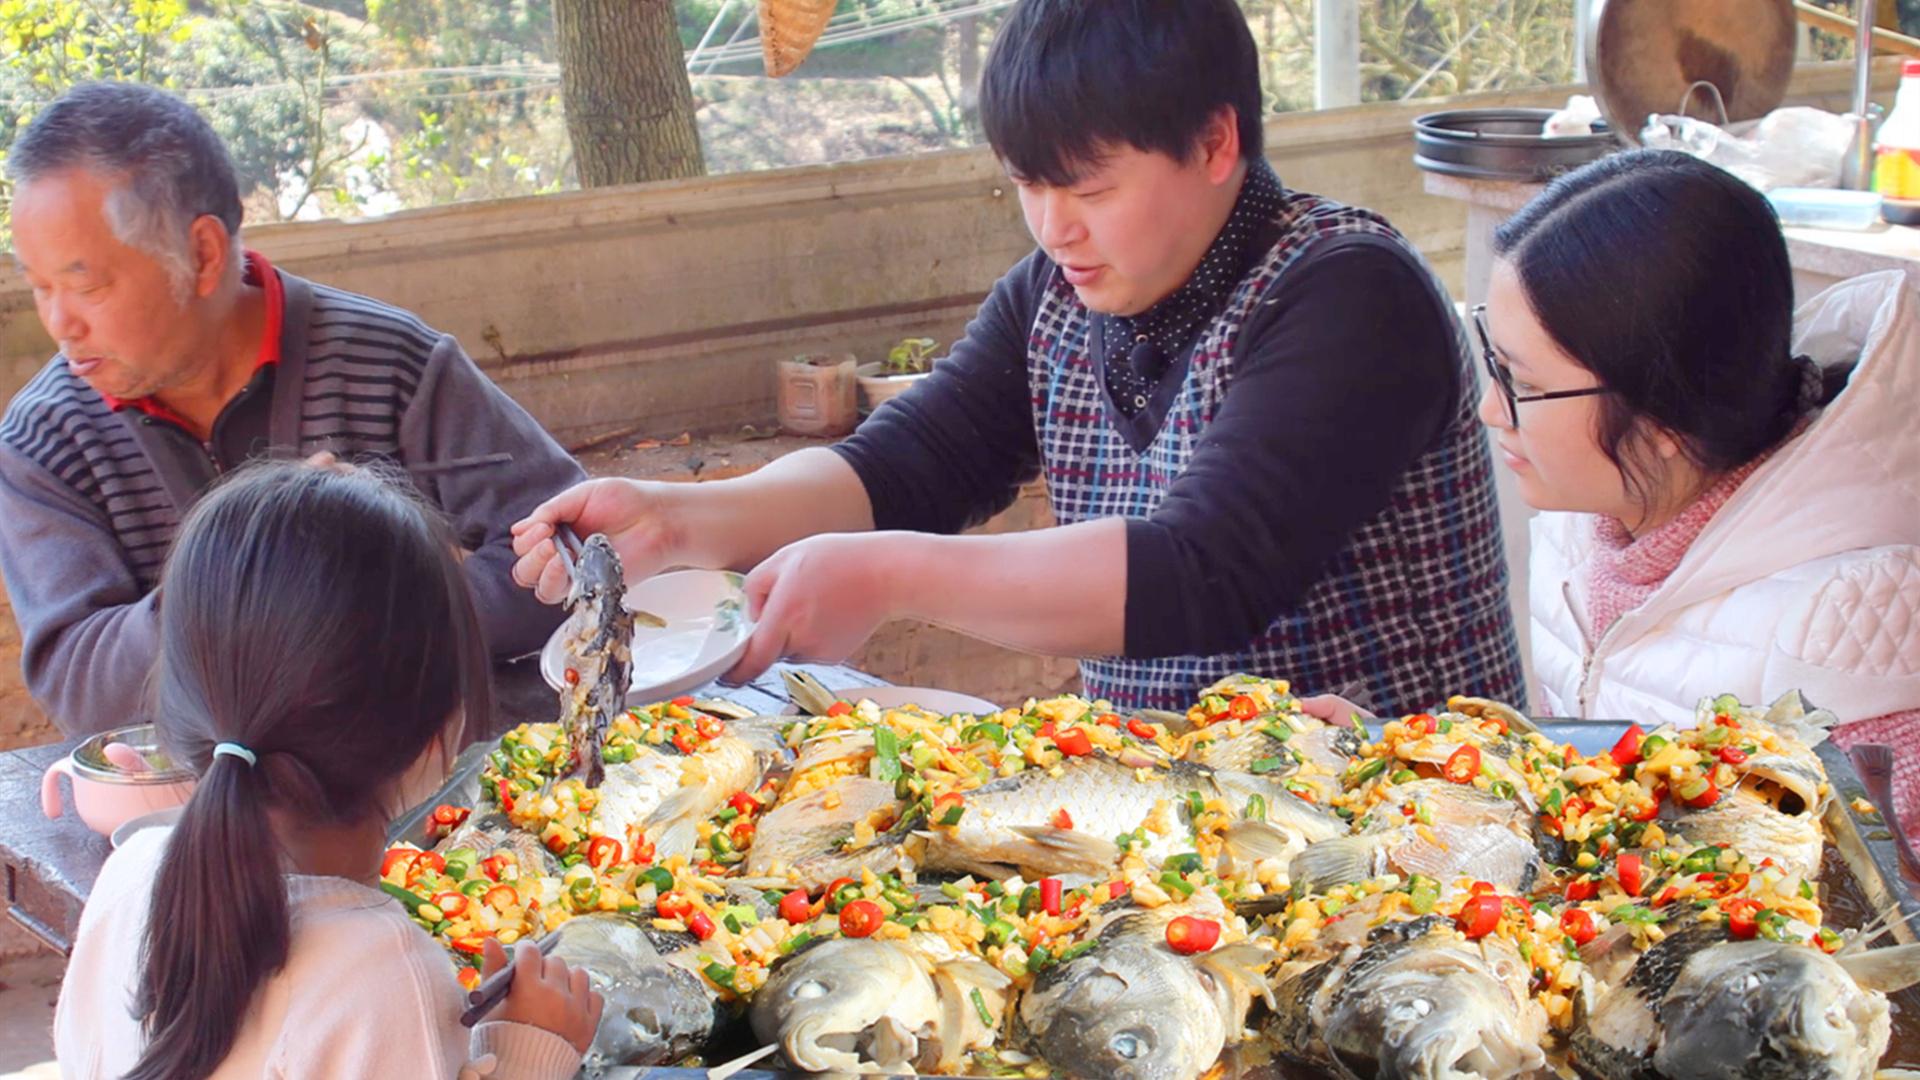 去邻居鱼塘整13条鲫鱼,德哥加14种调料凉拌,1整条夹碗里吃过瘾